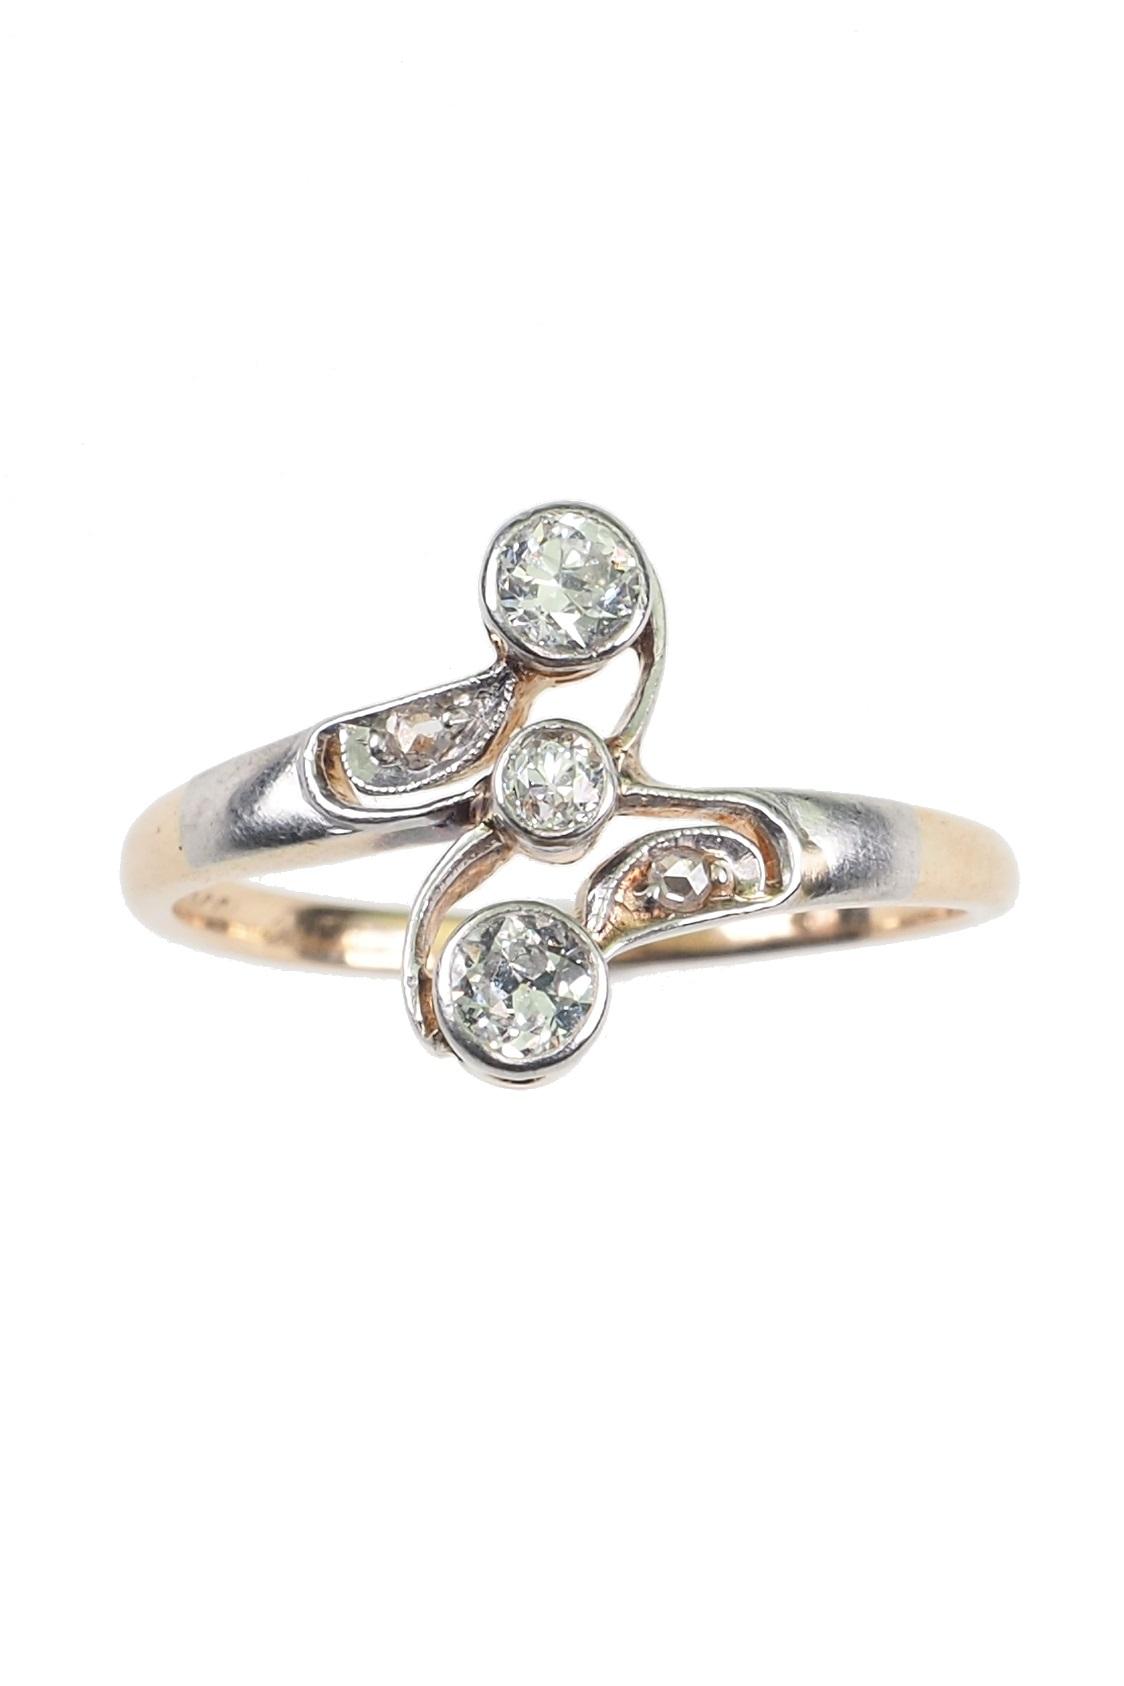 Verlobungsringe-online-kaufen-1175